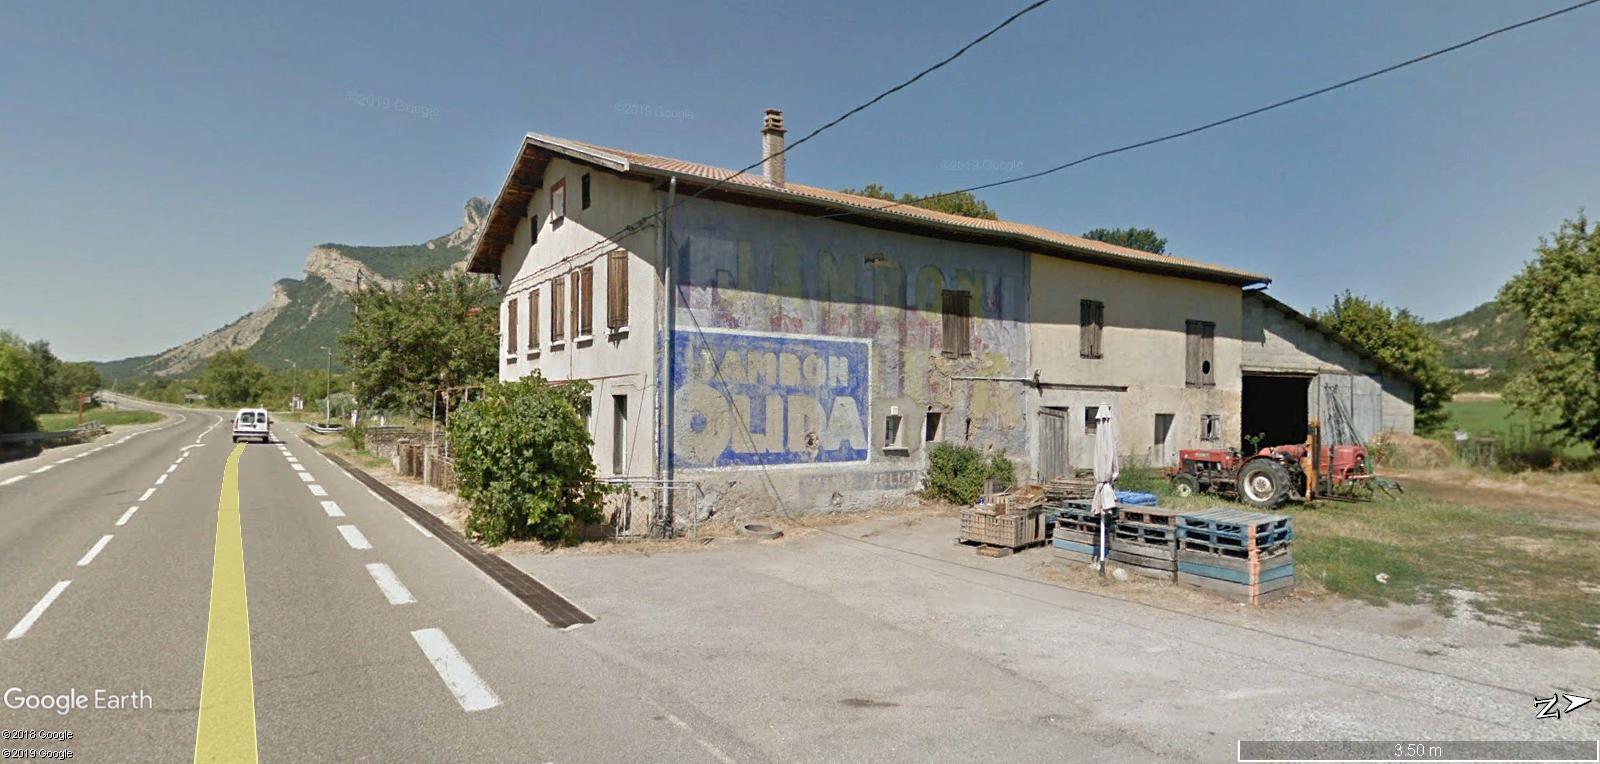 STREET VIEW : Vieilles publicités murales - Page 24 Q10